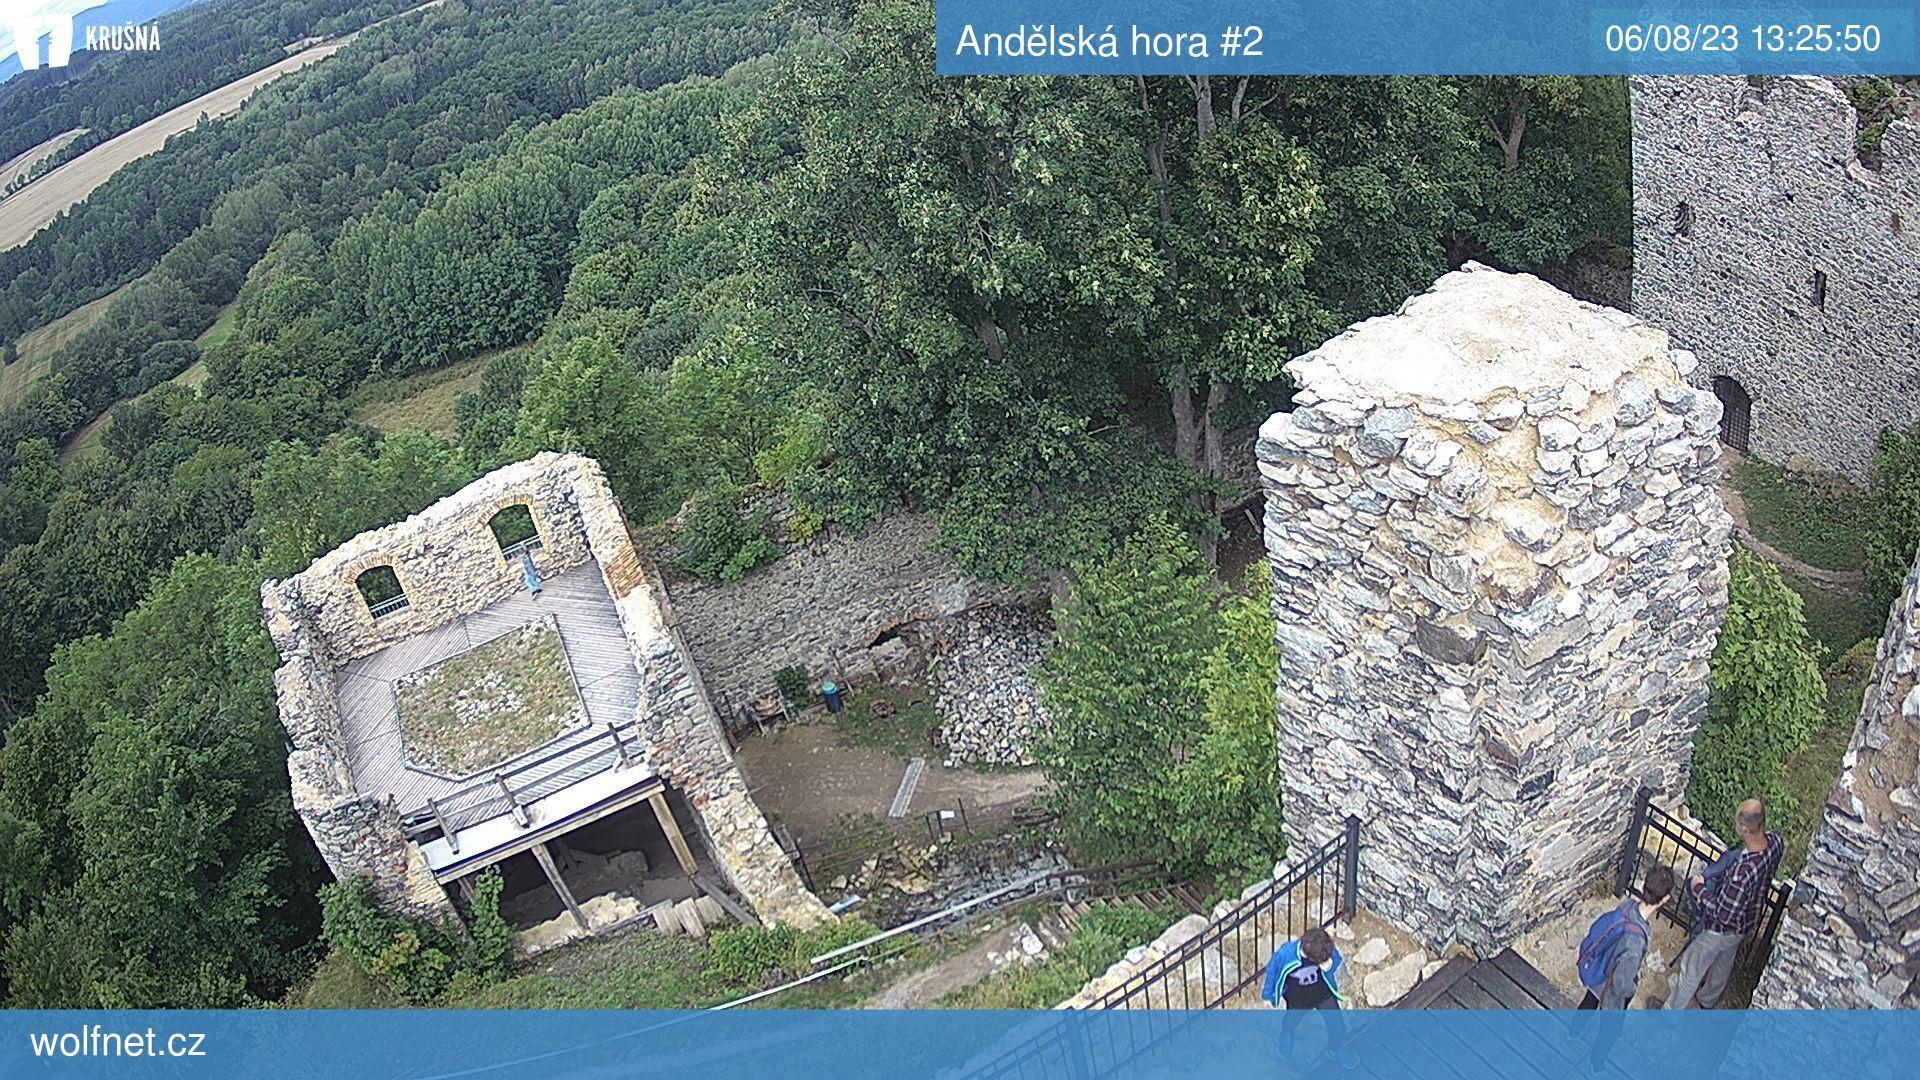 Webkamera Andělská hora #2